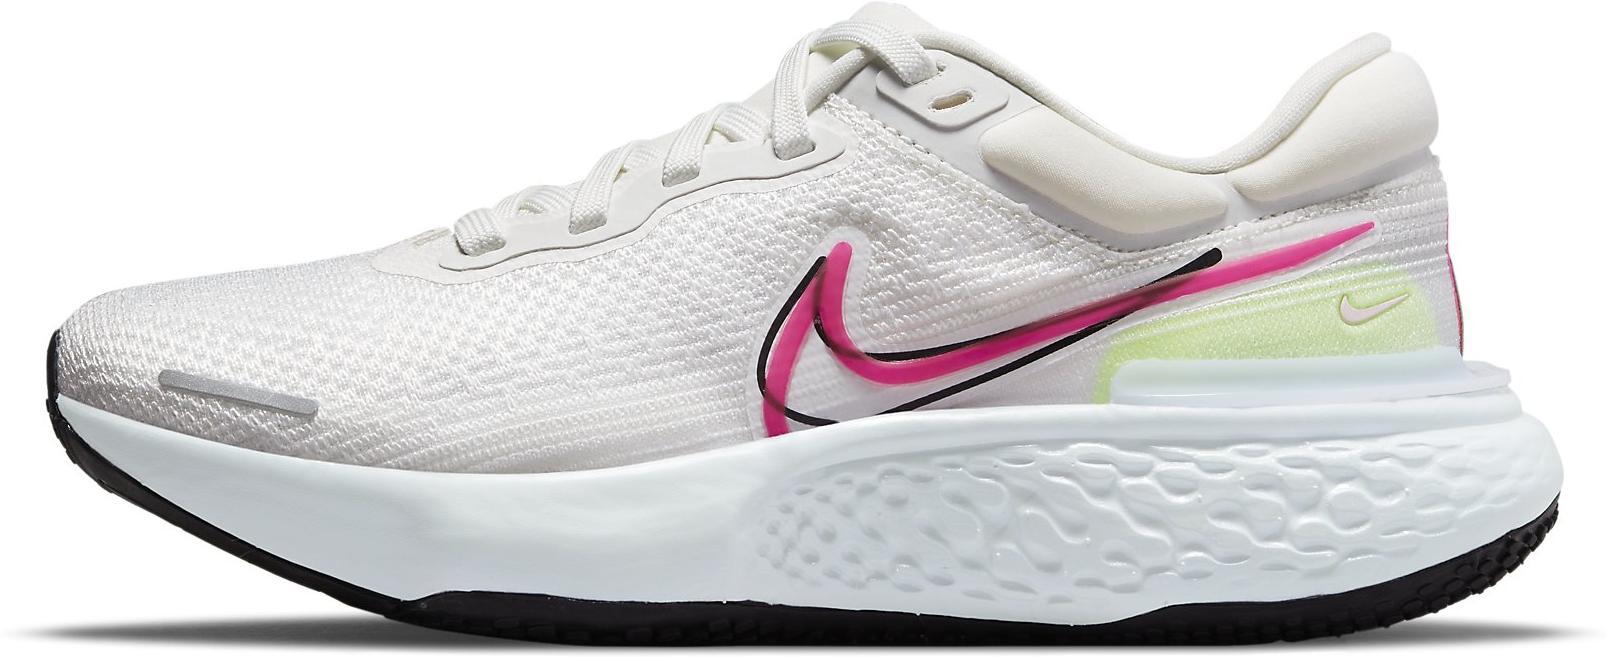 Zapatillas de running Nike ZoomX Invincible Run Flyknit Women s Running Shoe